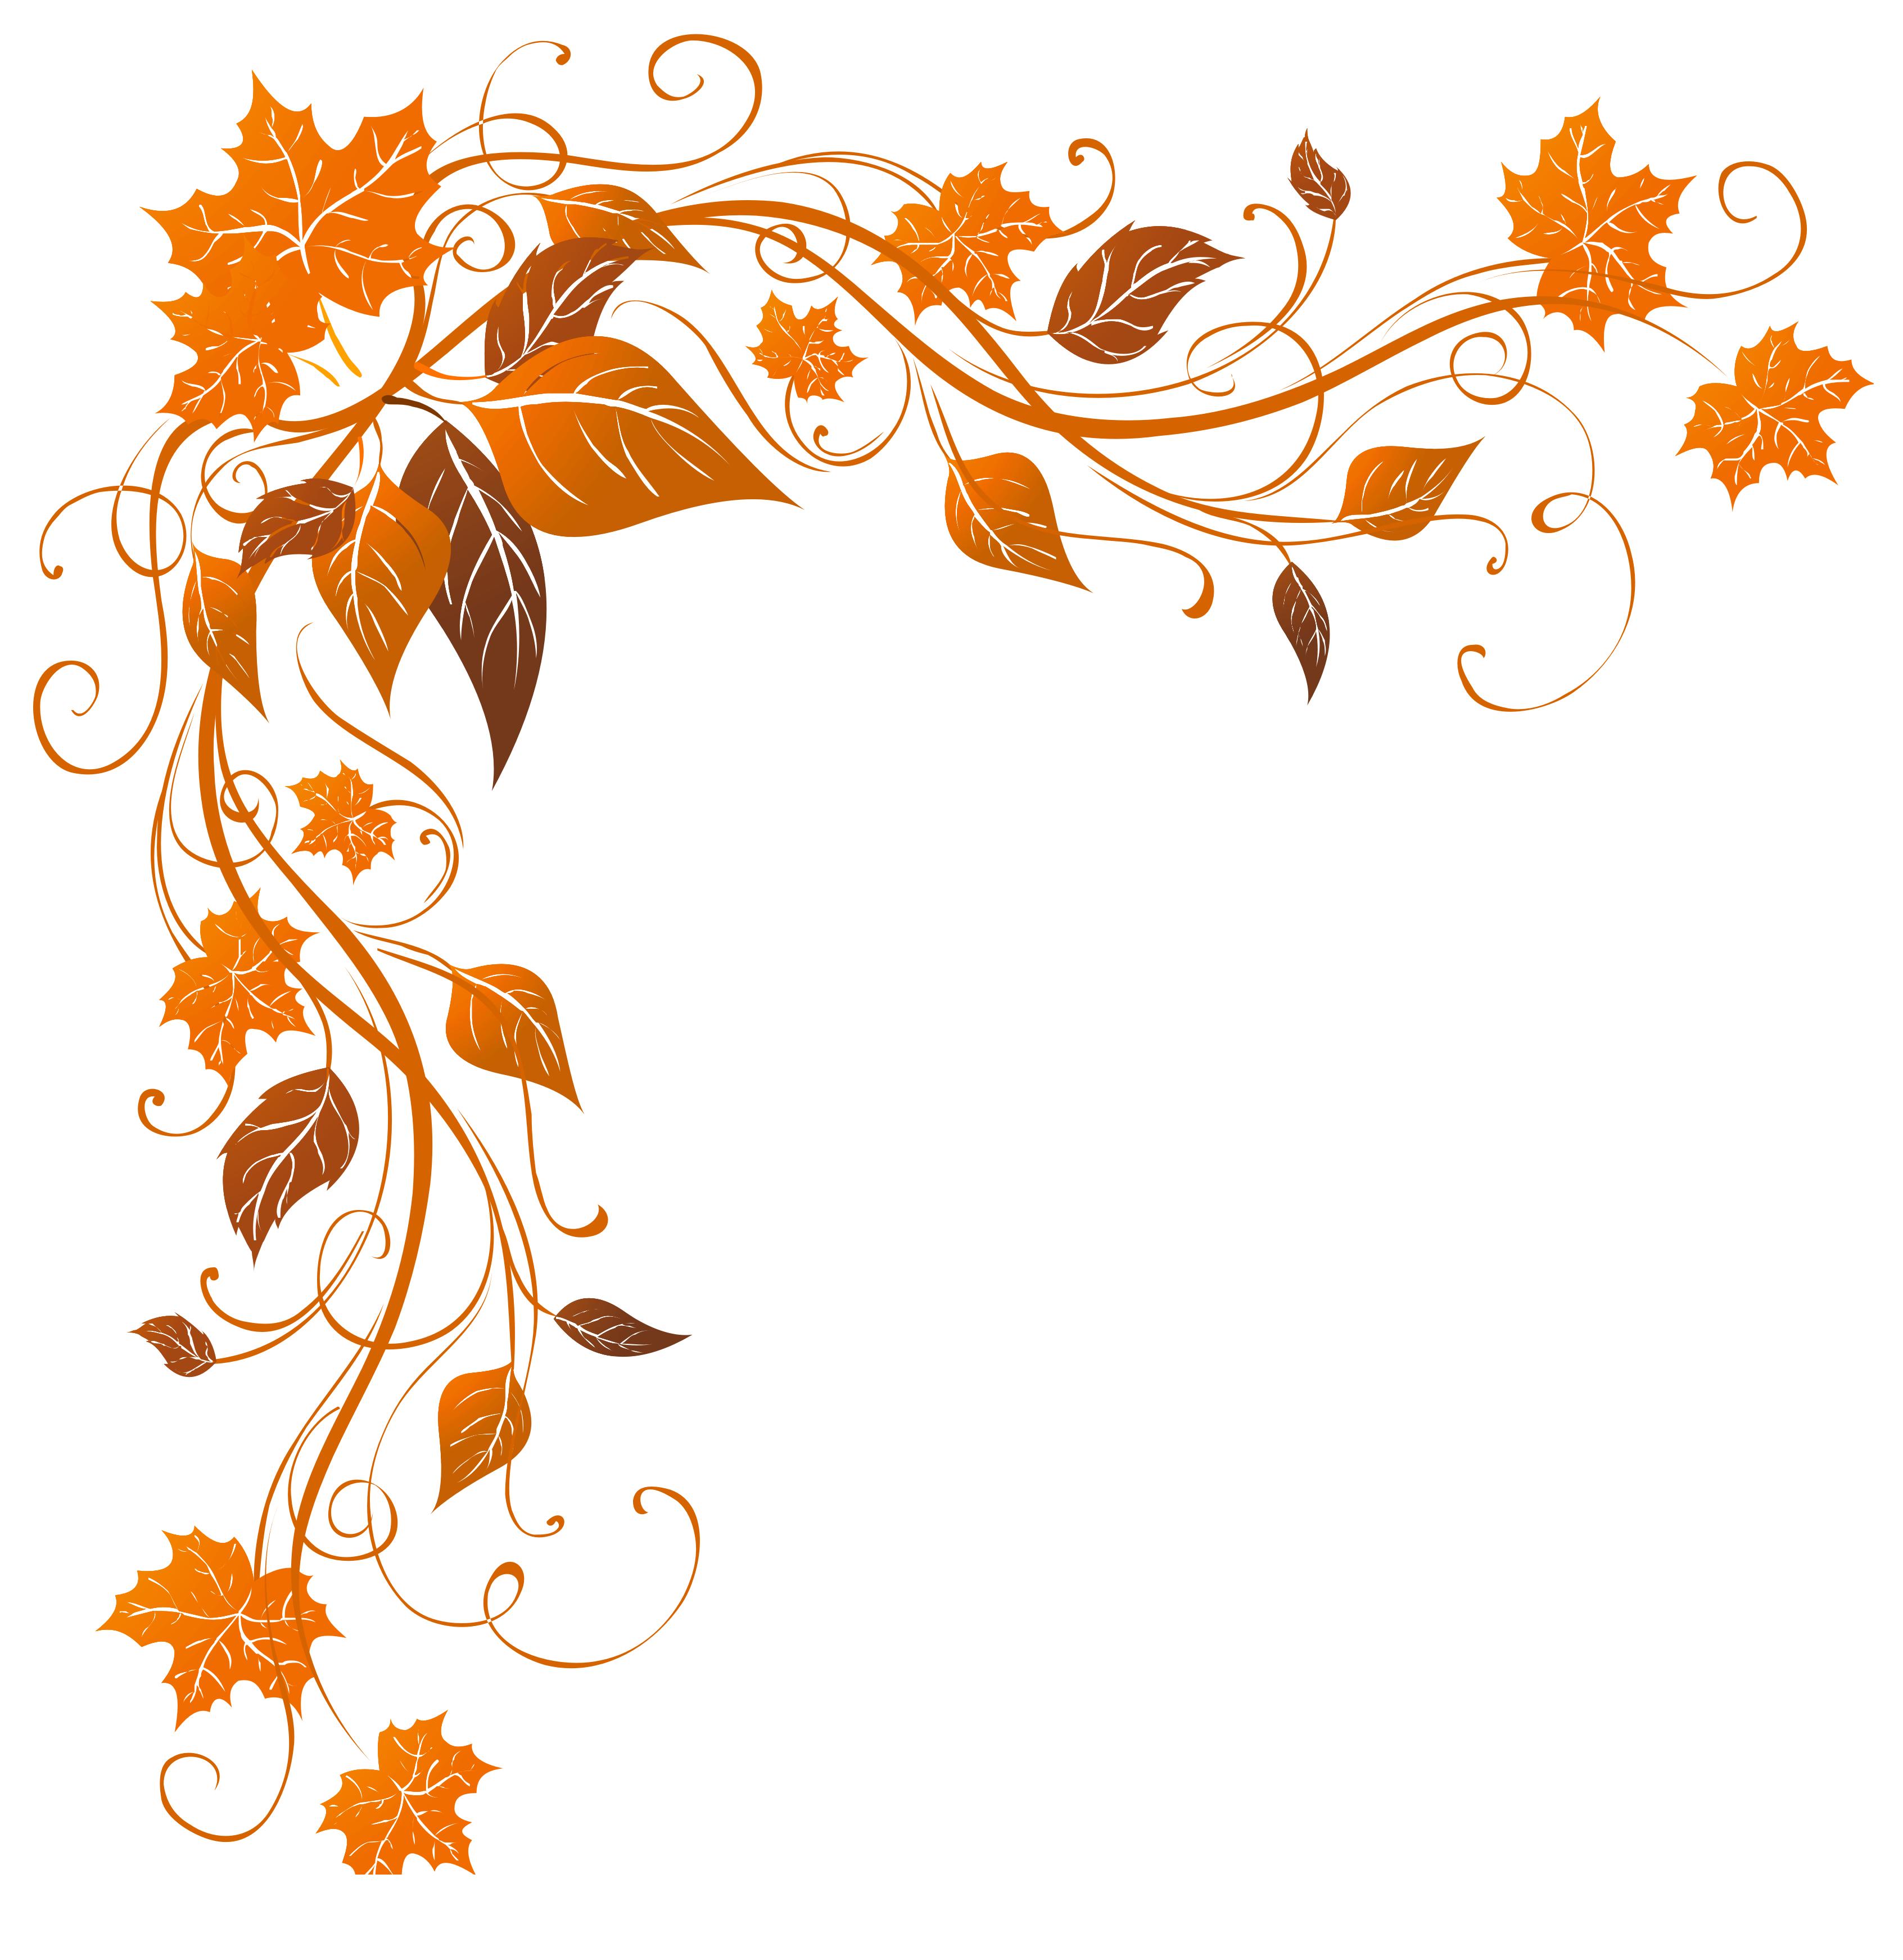 png Transparent autumn png image. Decoration clipart